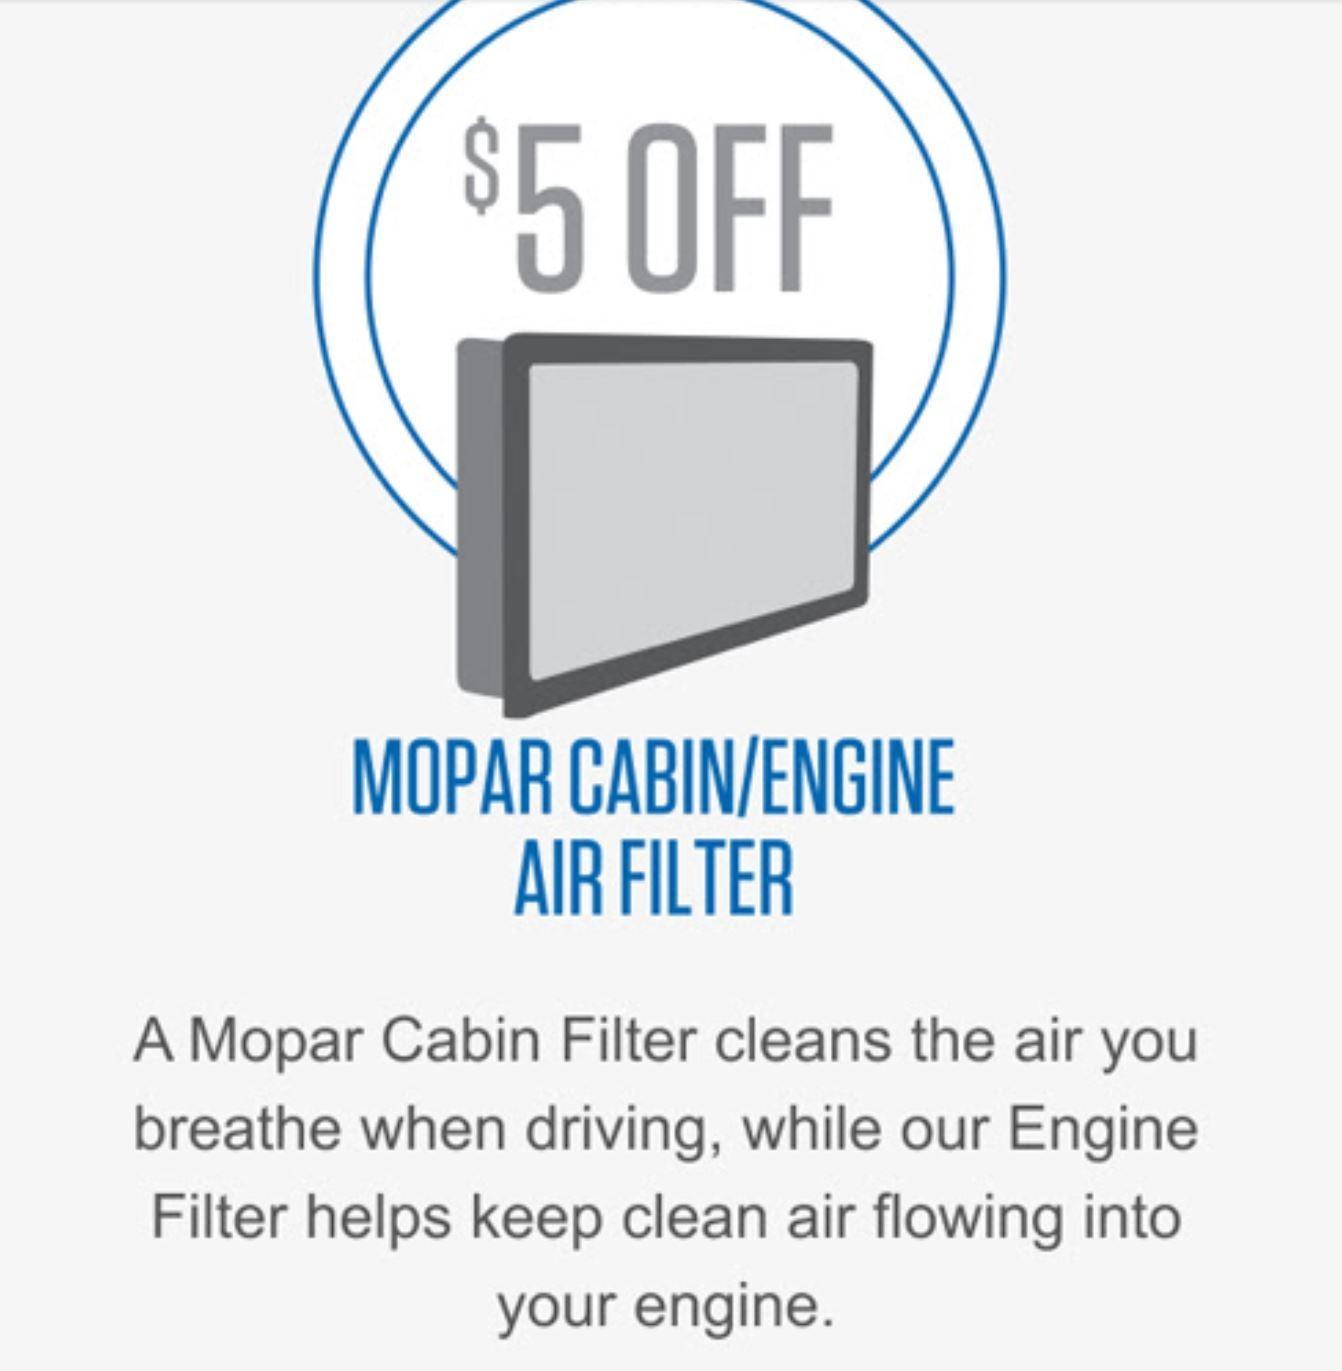 mopar cabin air filter deals